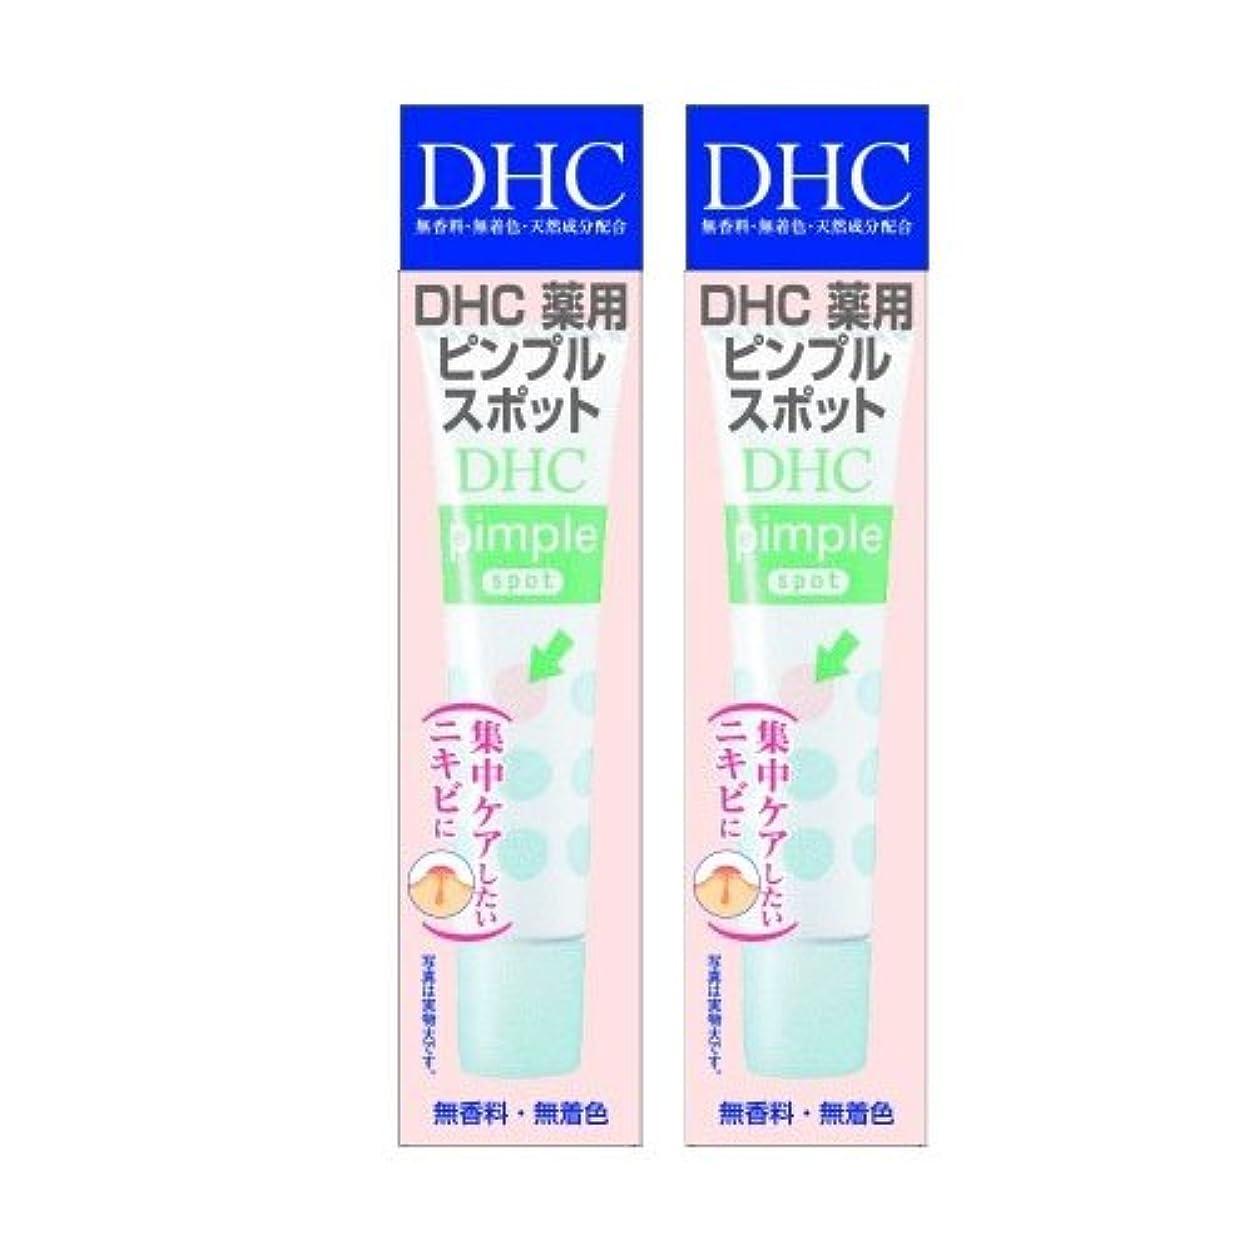 一時停止宣言するムスタチオ【セット品】DHC 薬用ピンプルスポット 15ml 2個セット